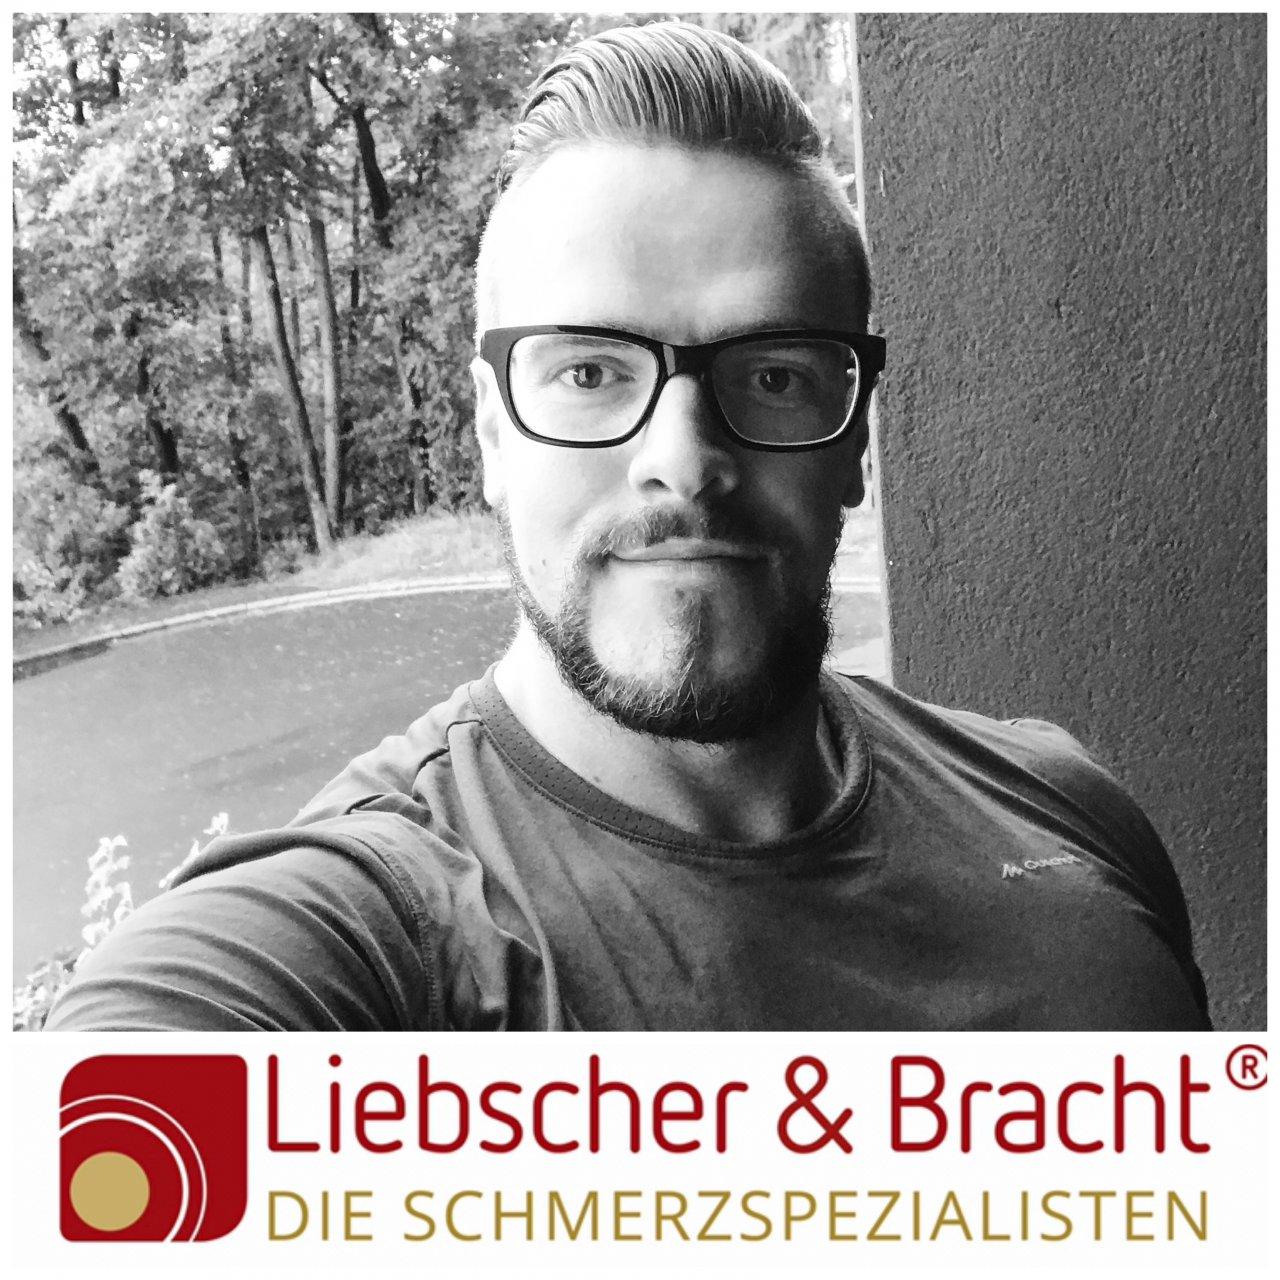 Das Selfie von André Kloos zeigt ihn vor einem Hintergrund mit Bäumen. Das Foto ist schwarz- weiß. André hat kurze Haare und trägt eine eckige dunkle Brille sowie einen Bart.